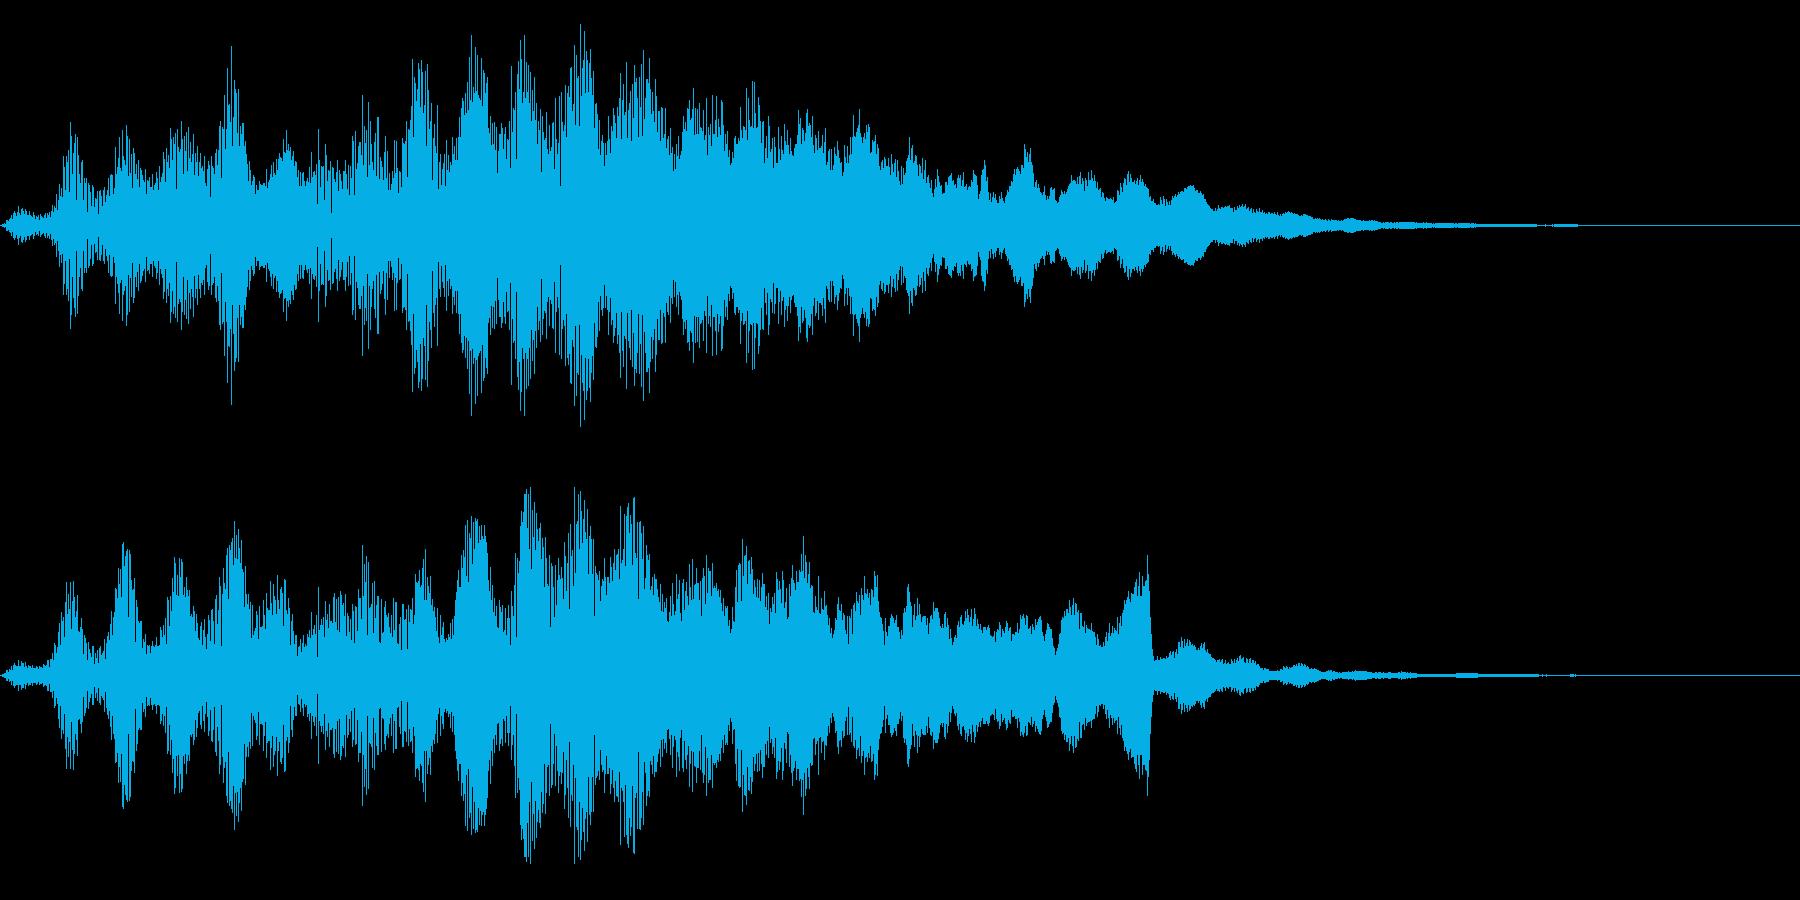 シンセ+ピアノ逆再生サウンドロゴの再生済みの波形